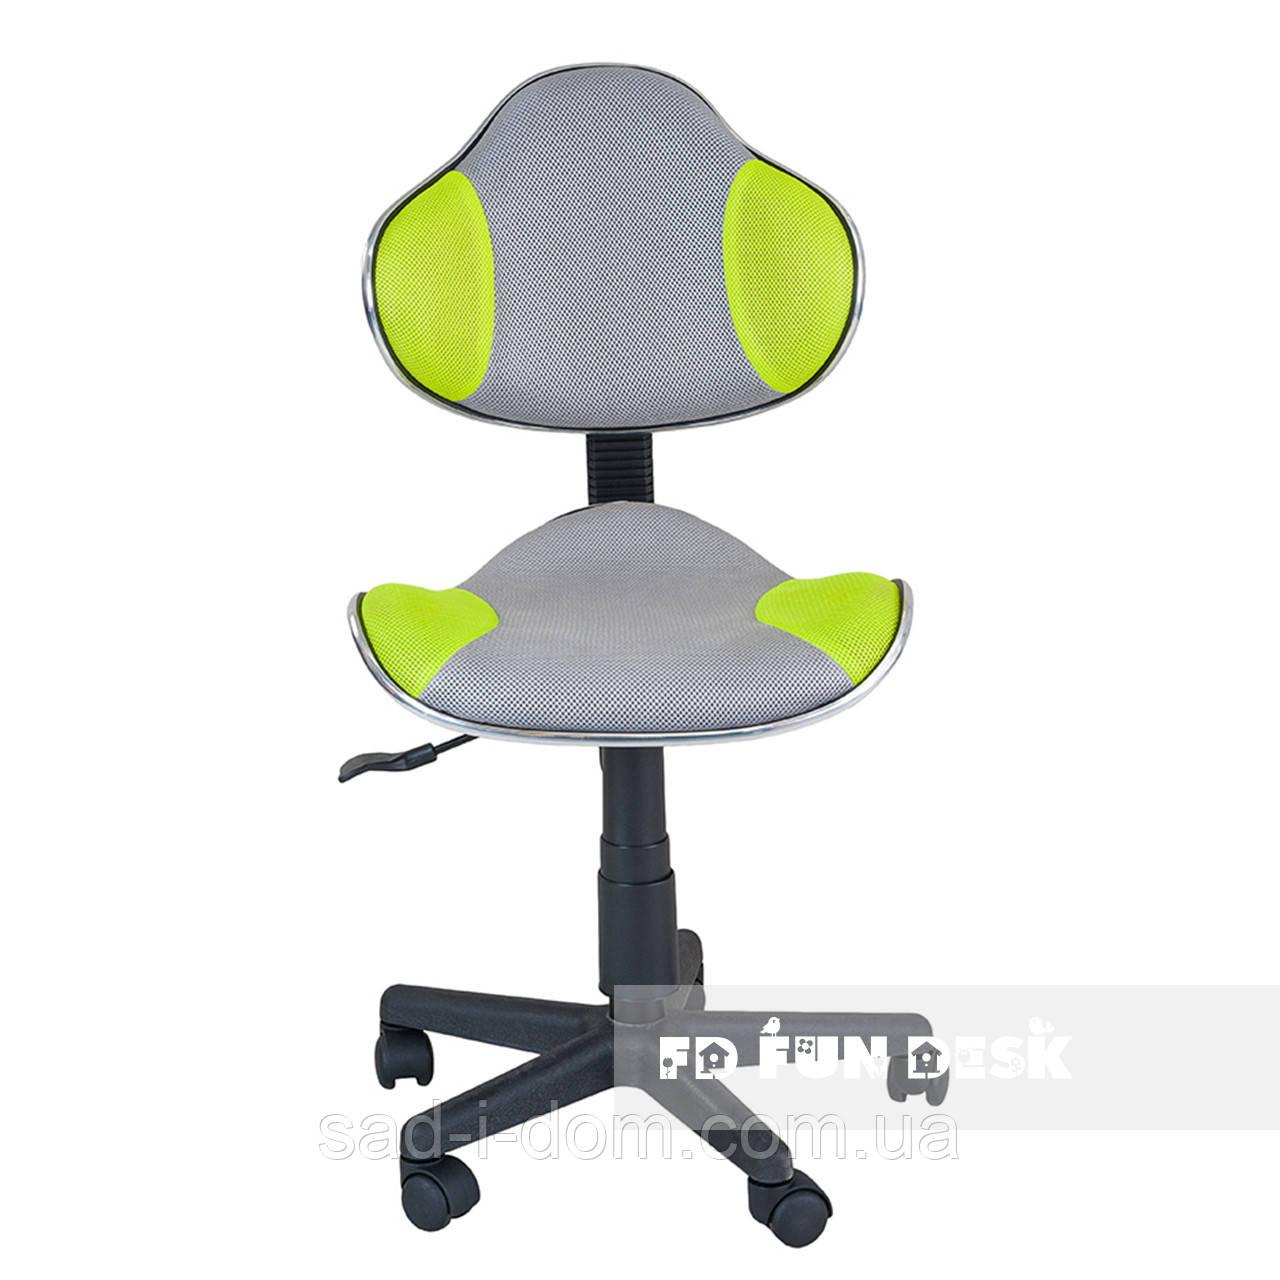 Детское компьютерное кресло FunDesk LST3, серо-зеленое